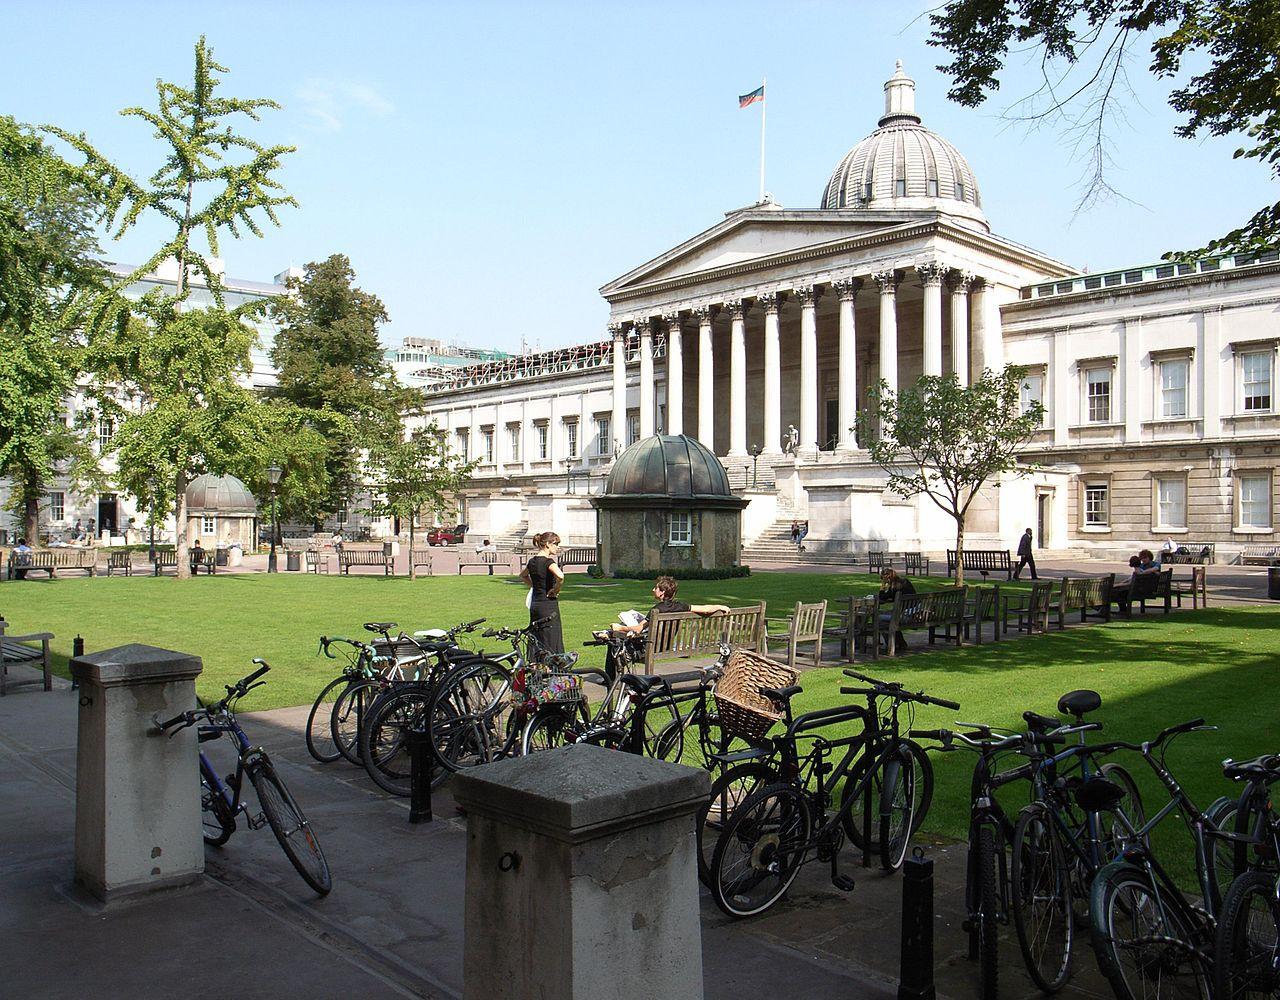 Лондонский университет, Университетский колледж Лондона